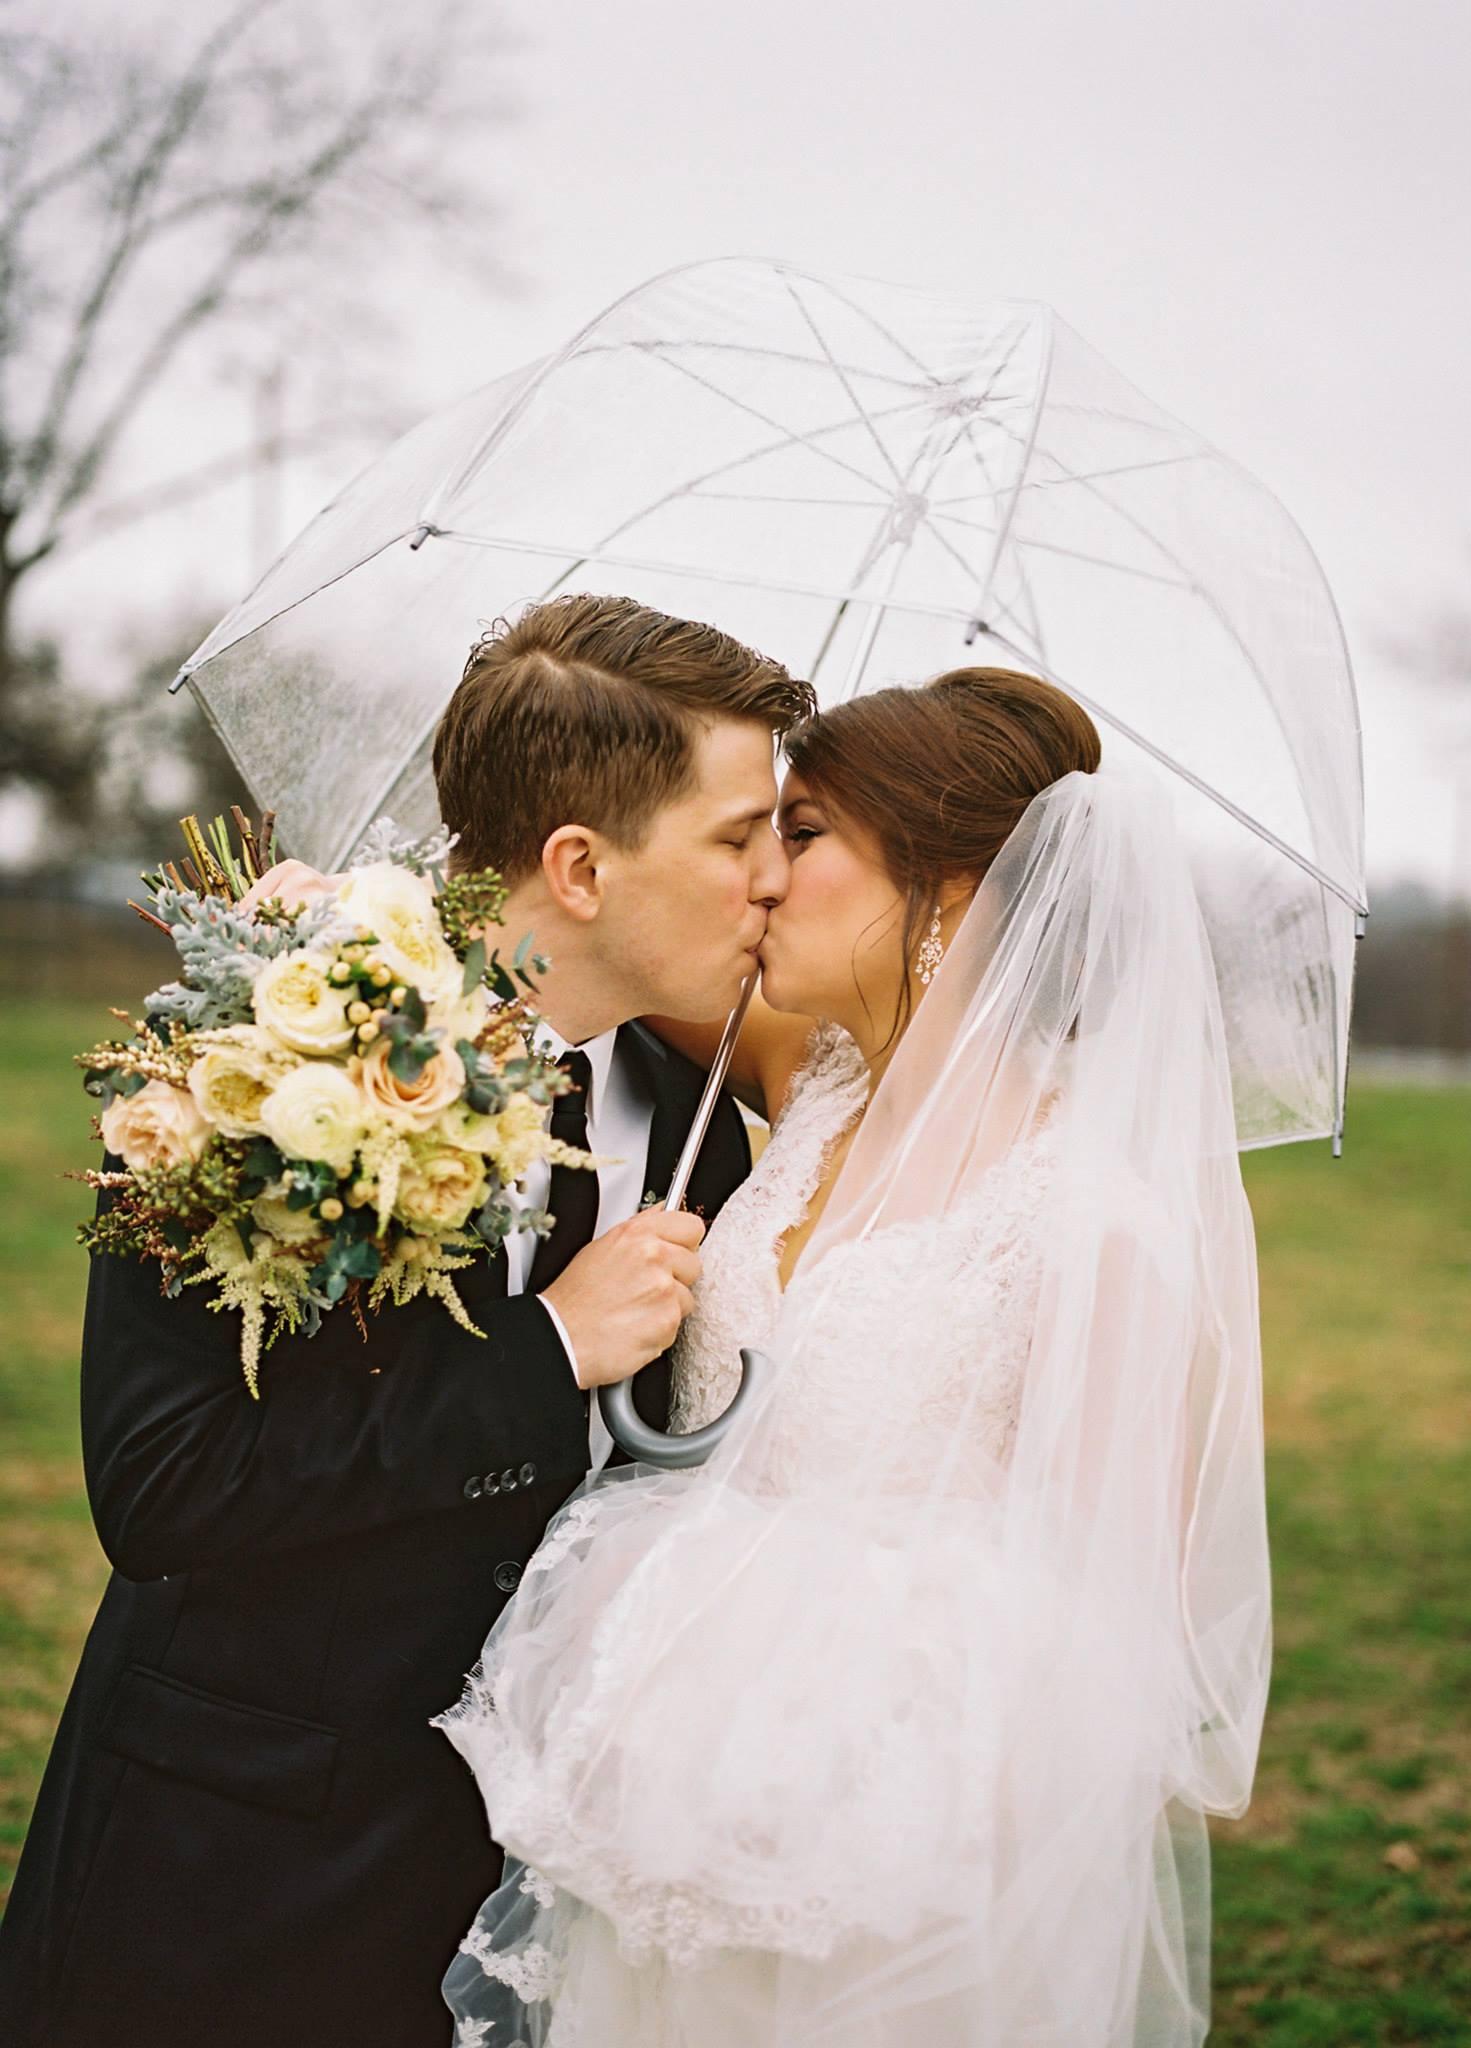 Rainy Day Romance // Nashville Wedding Flowers